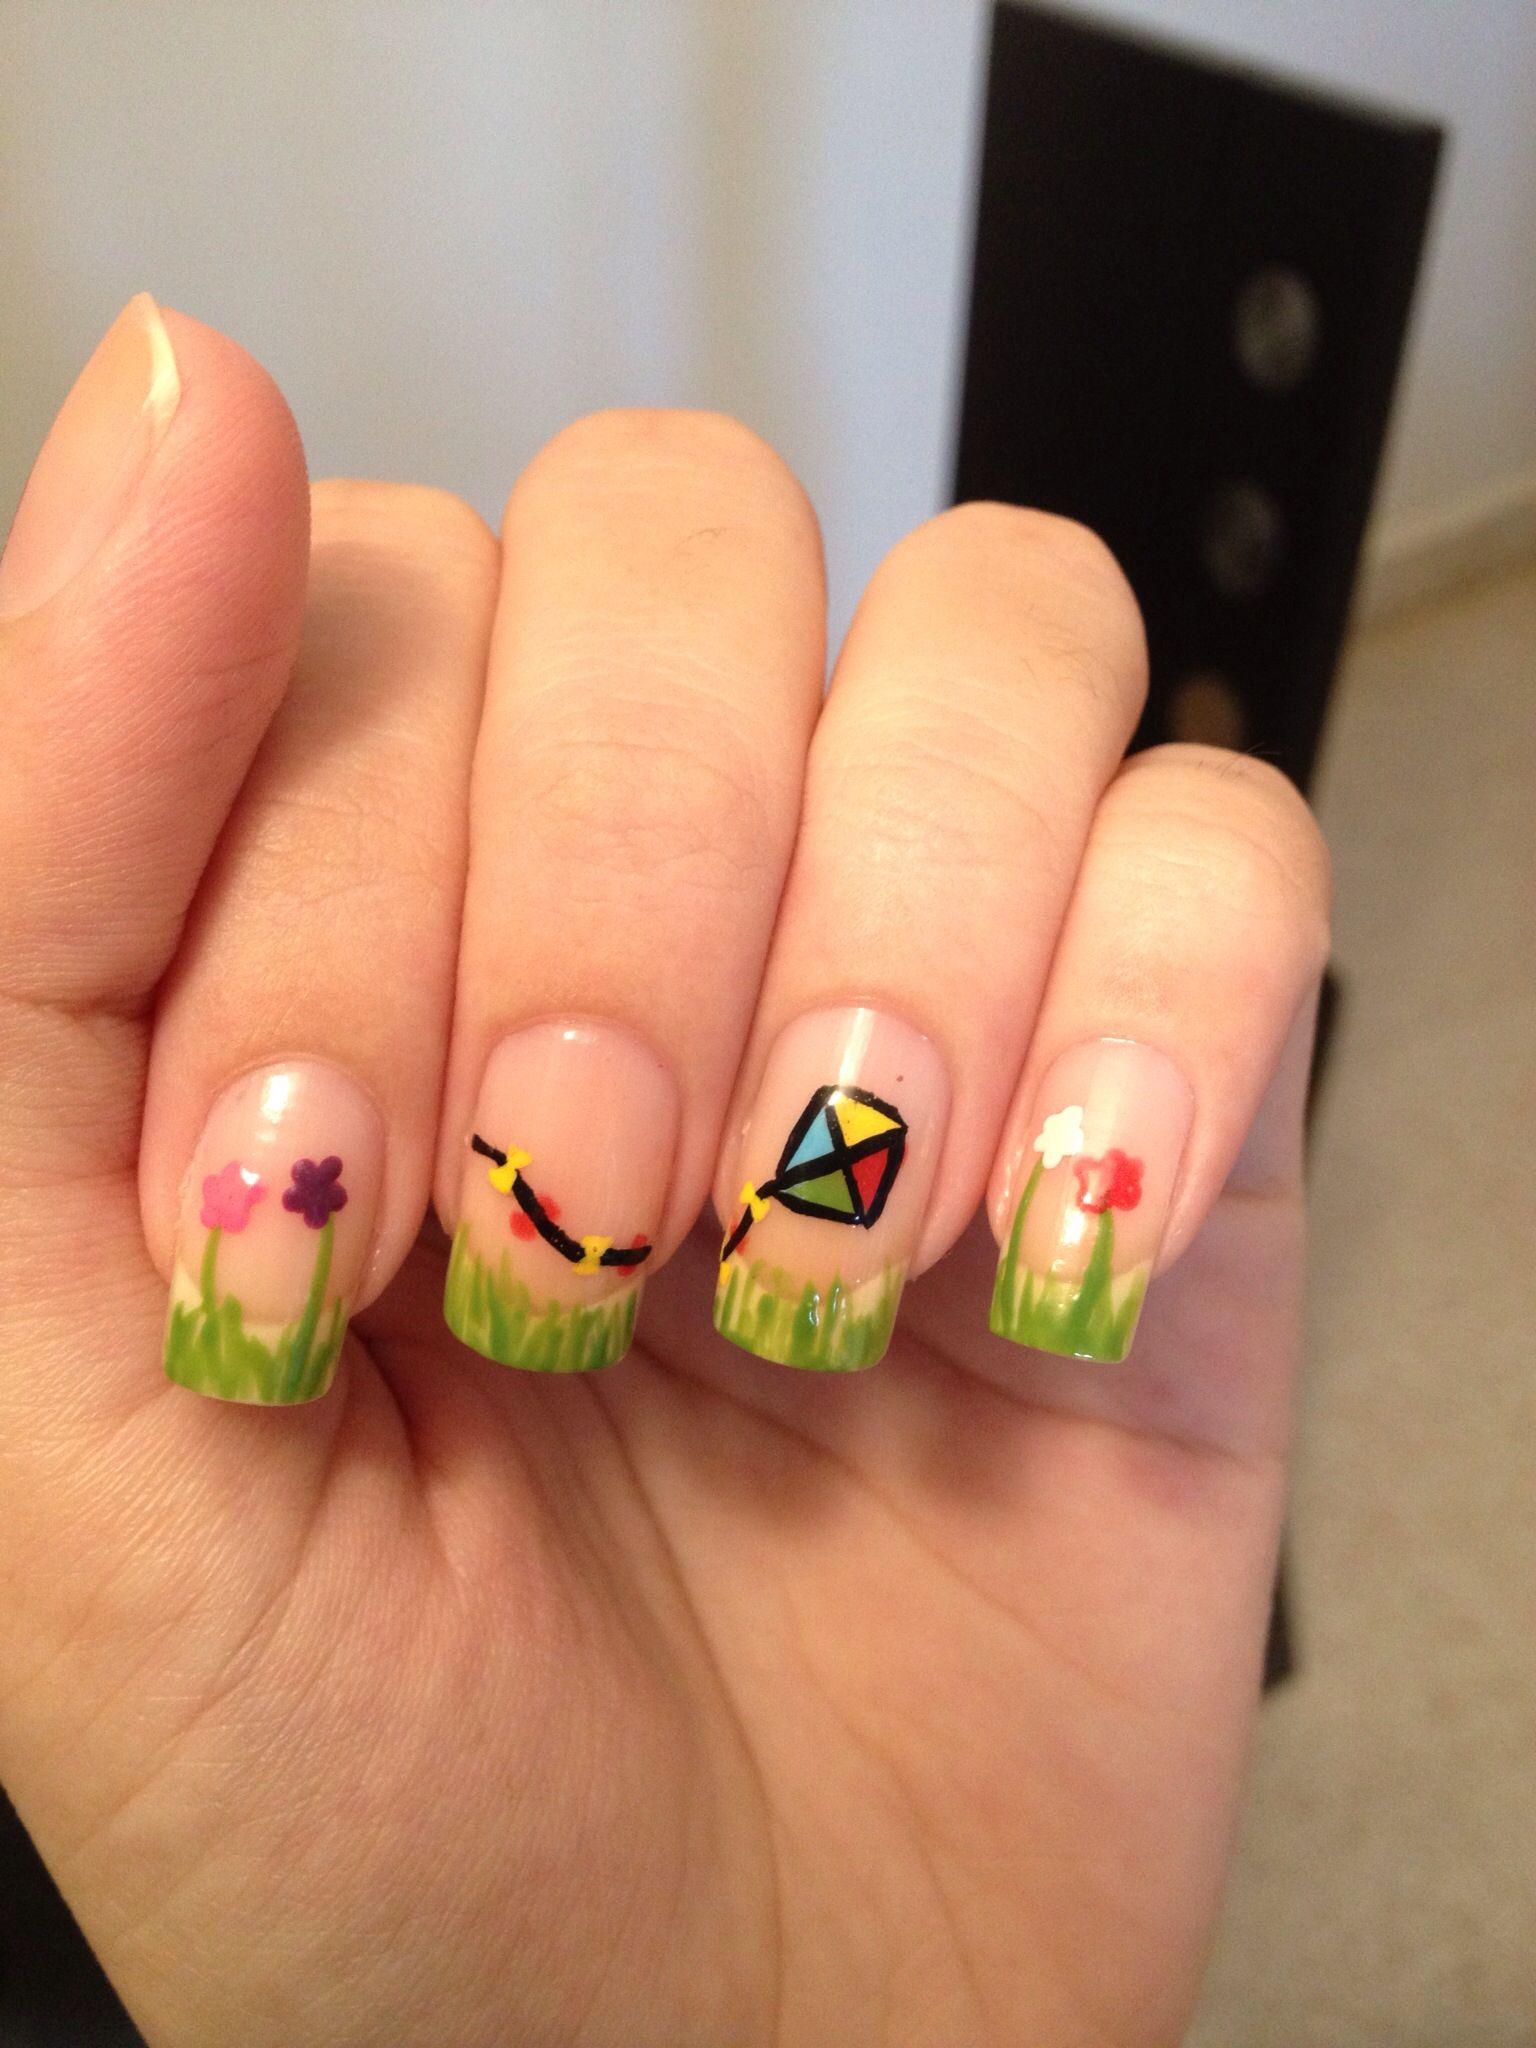 Kite nails! | Nailed it | Pinterest | Kites